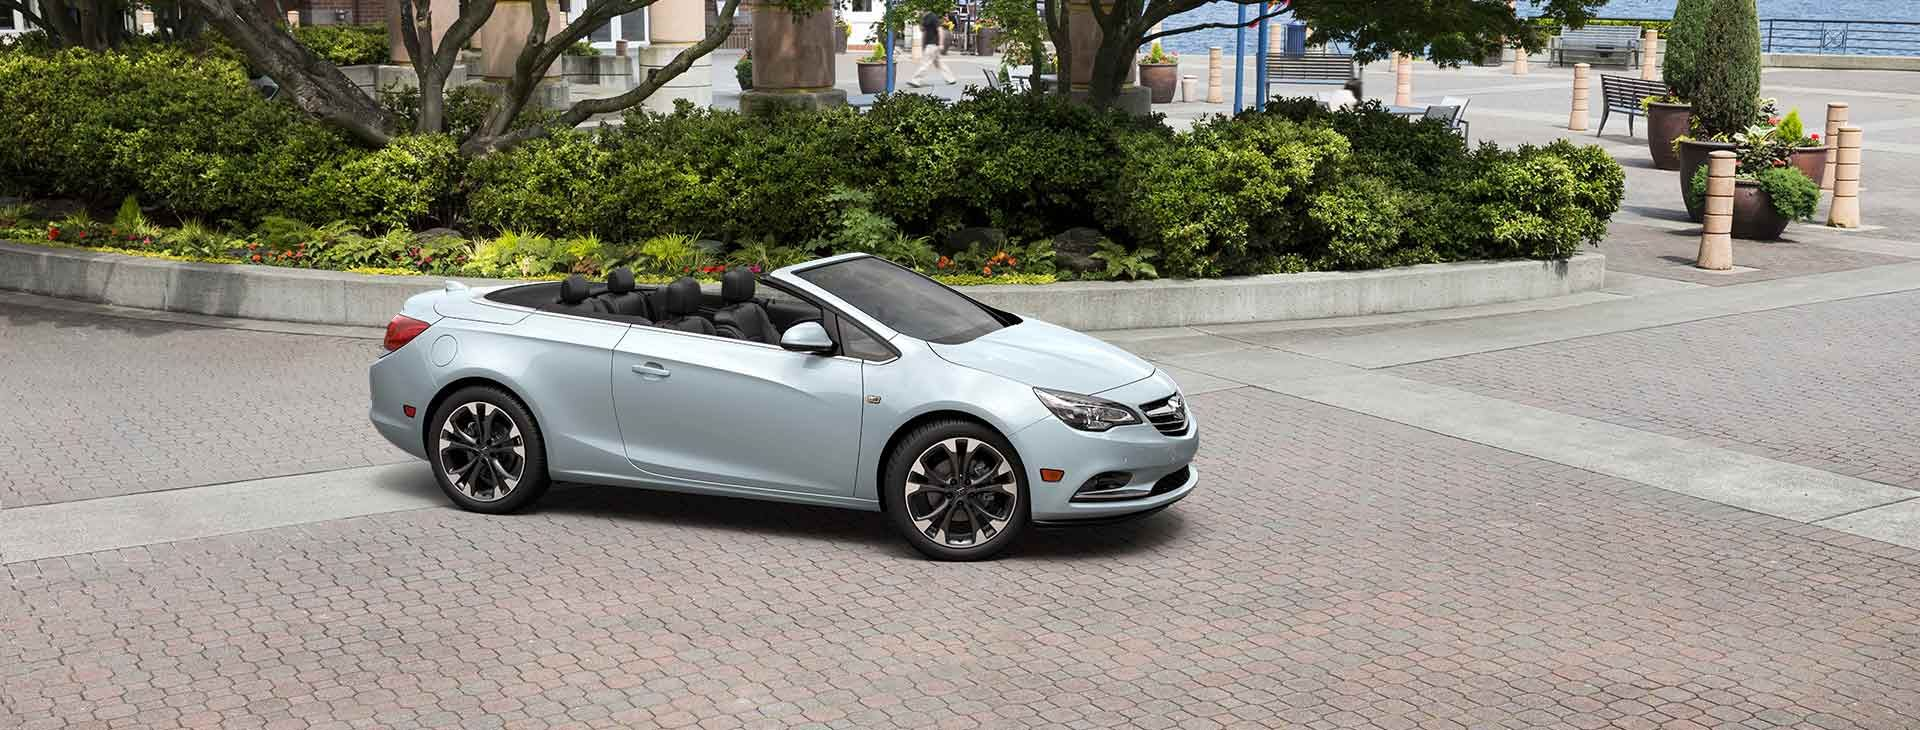 2016 Cascada Luxury Convertible Buick Cascada Buick Convertible